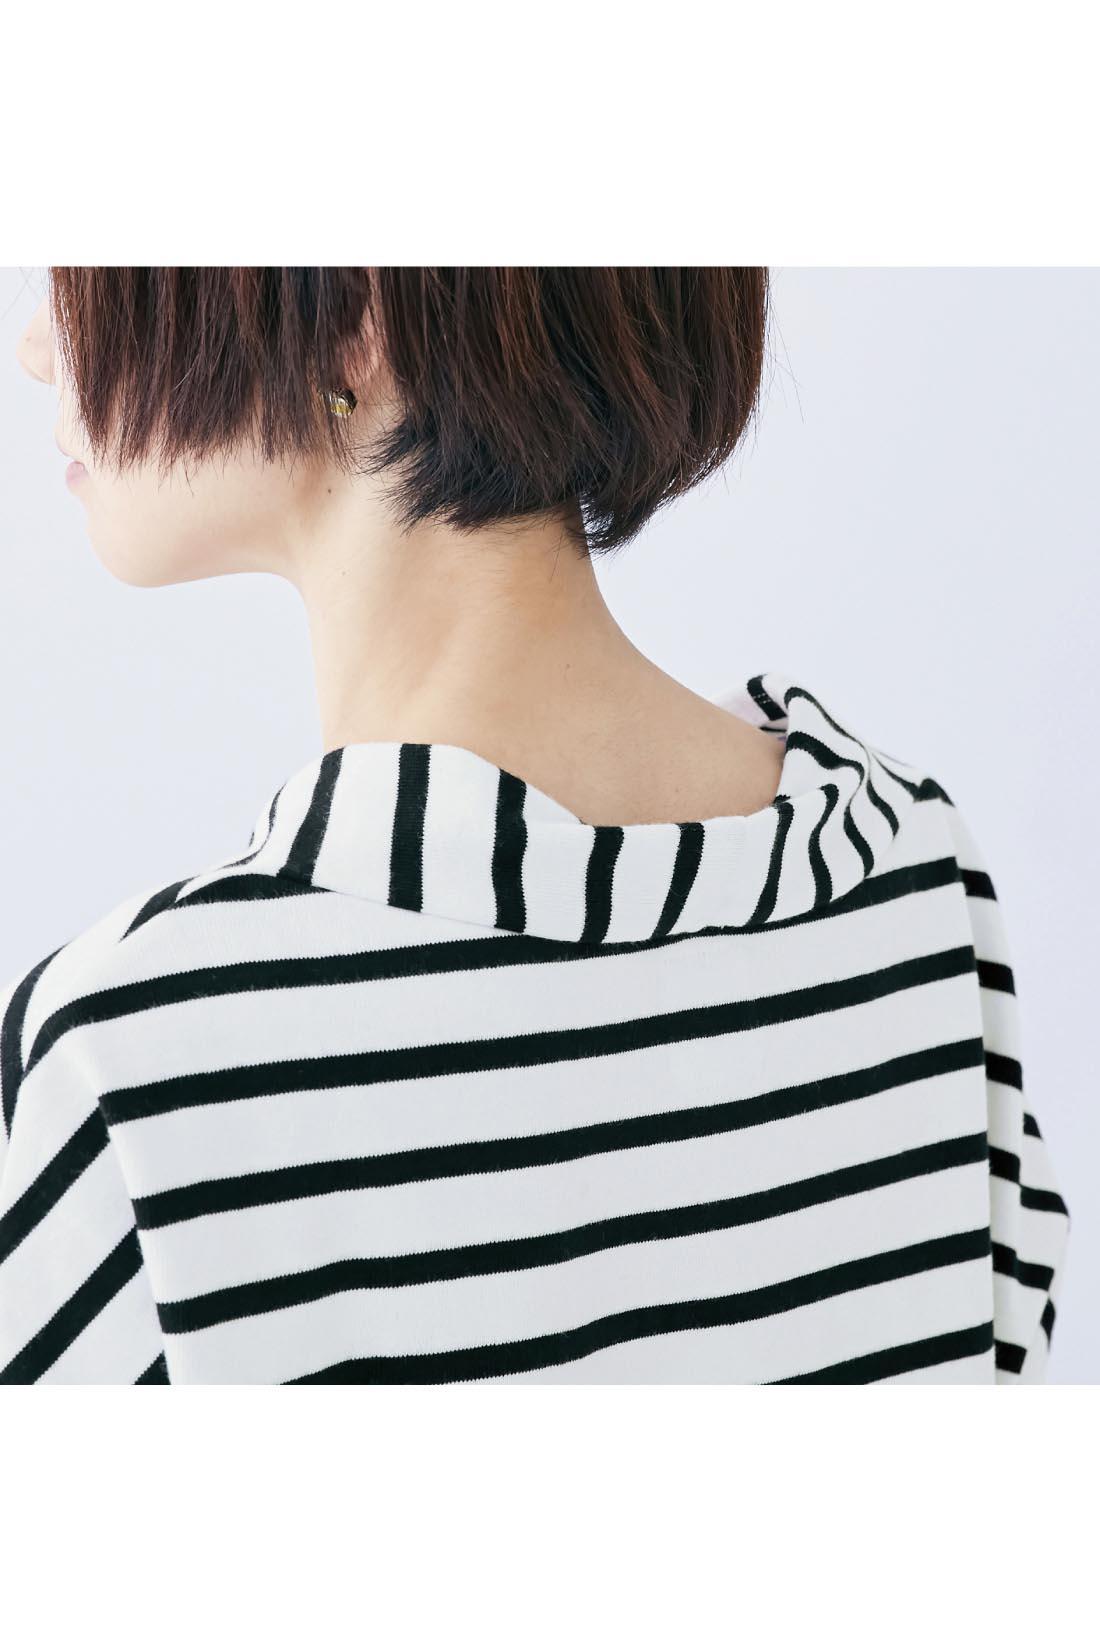 抜け感のある衿ぐりデザインがサッと着るだけでこなれた雰囲気に。 ※着用イメージです。お届けするカラーとは異なります。